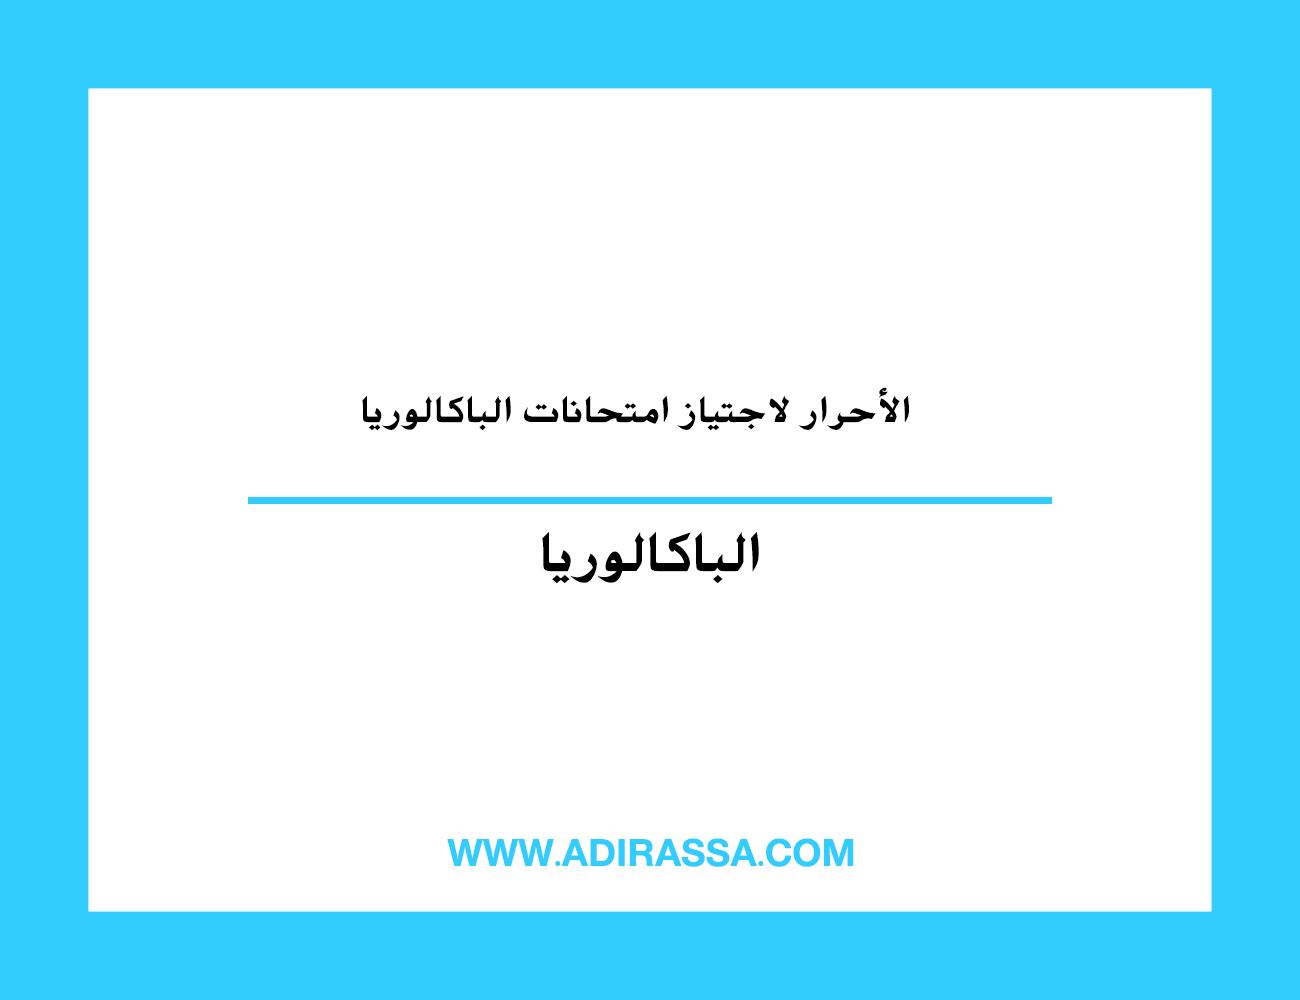 باك حر للحصول على شهادة الباكالوريا والالتحاق بالجامعات المغربية